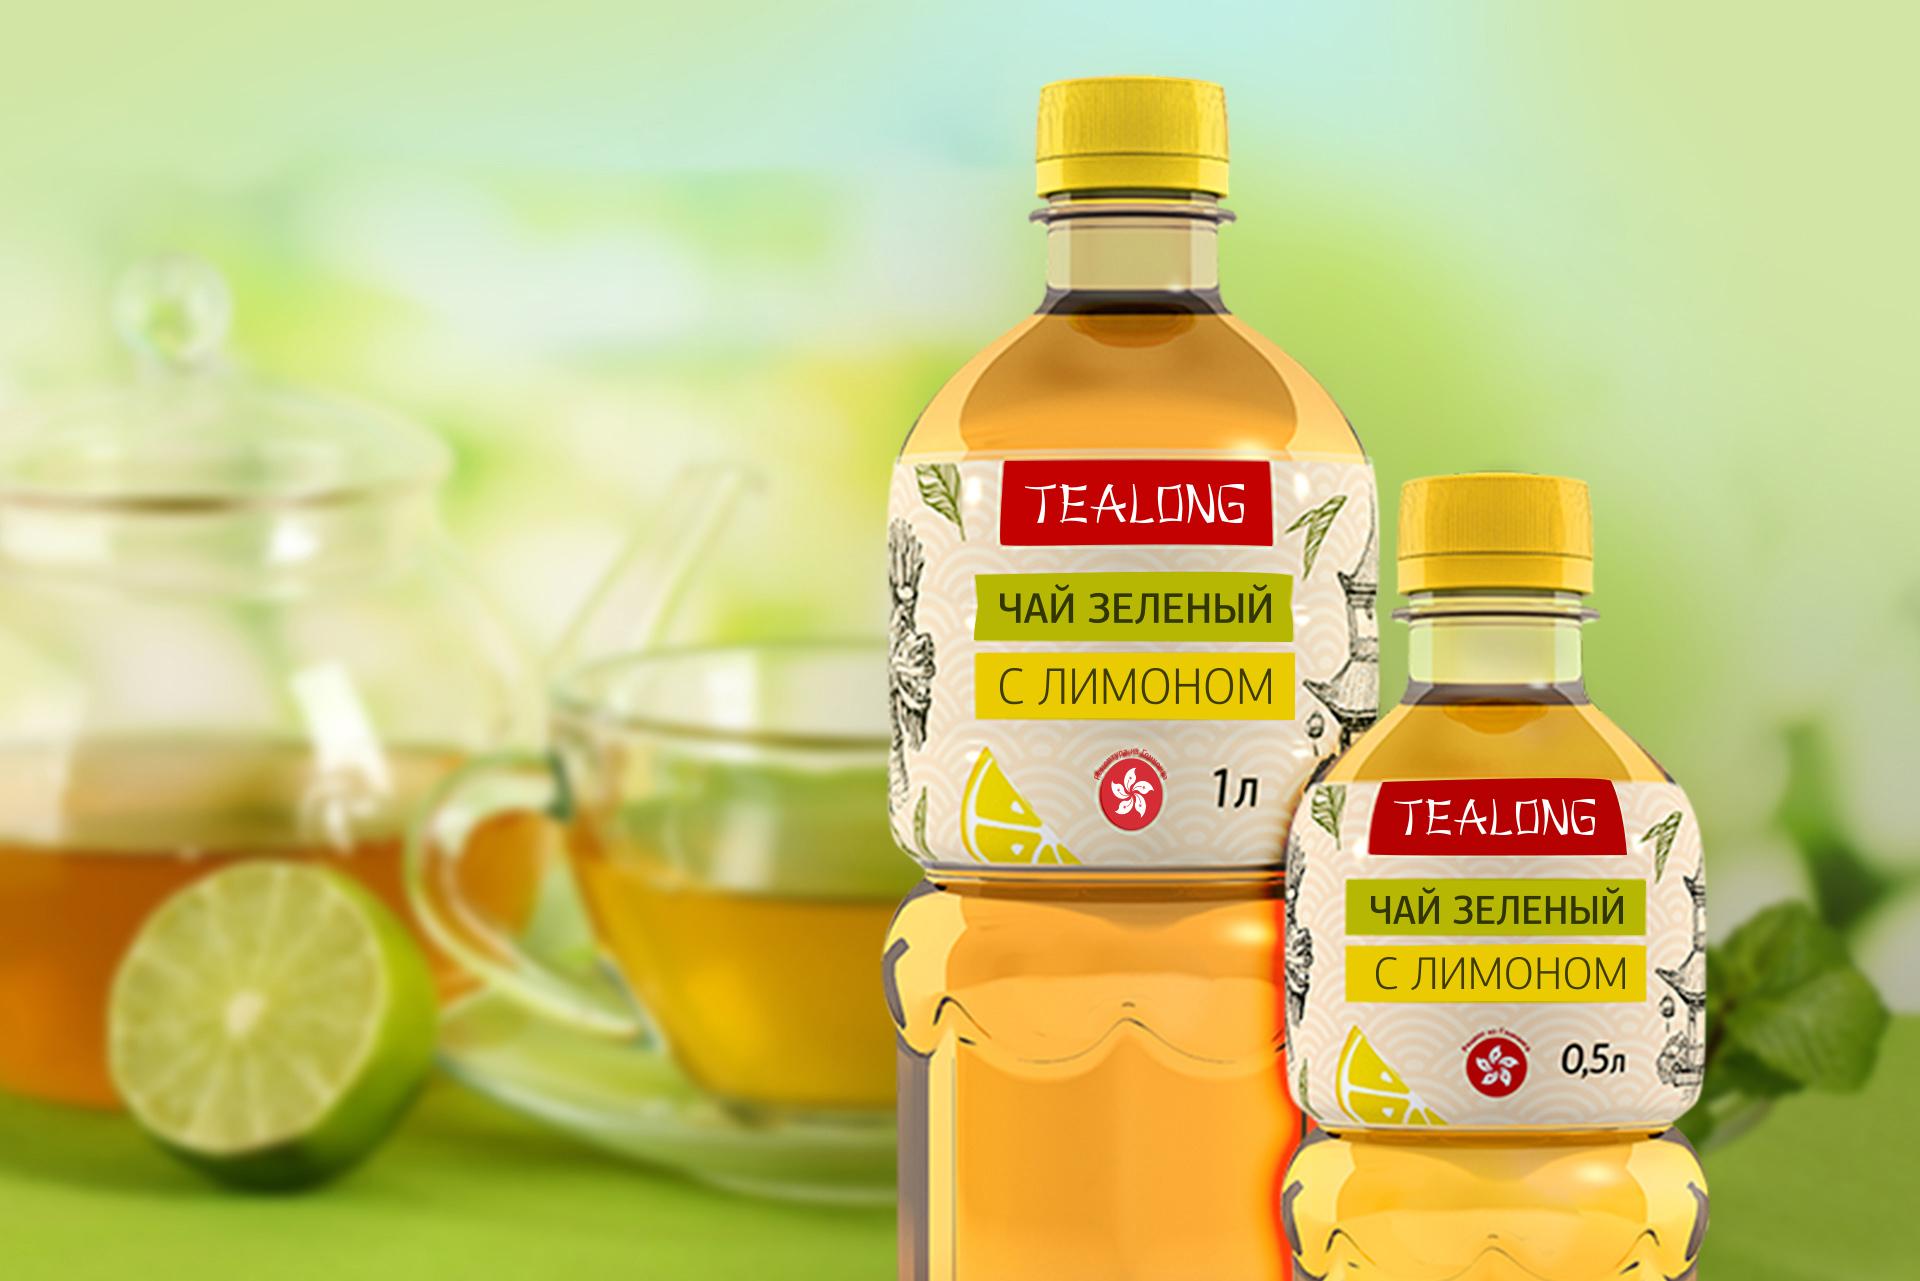 Дизайн упаковки чая, Tea package design